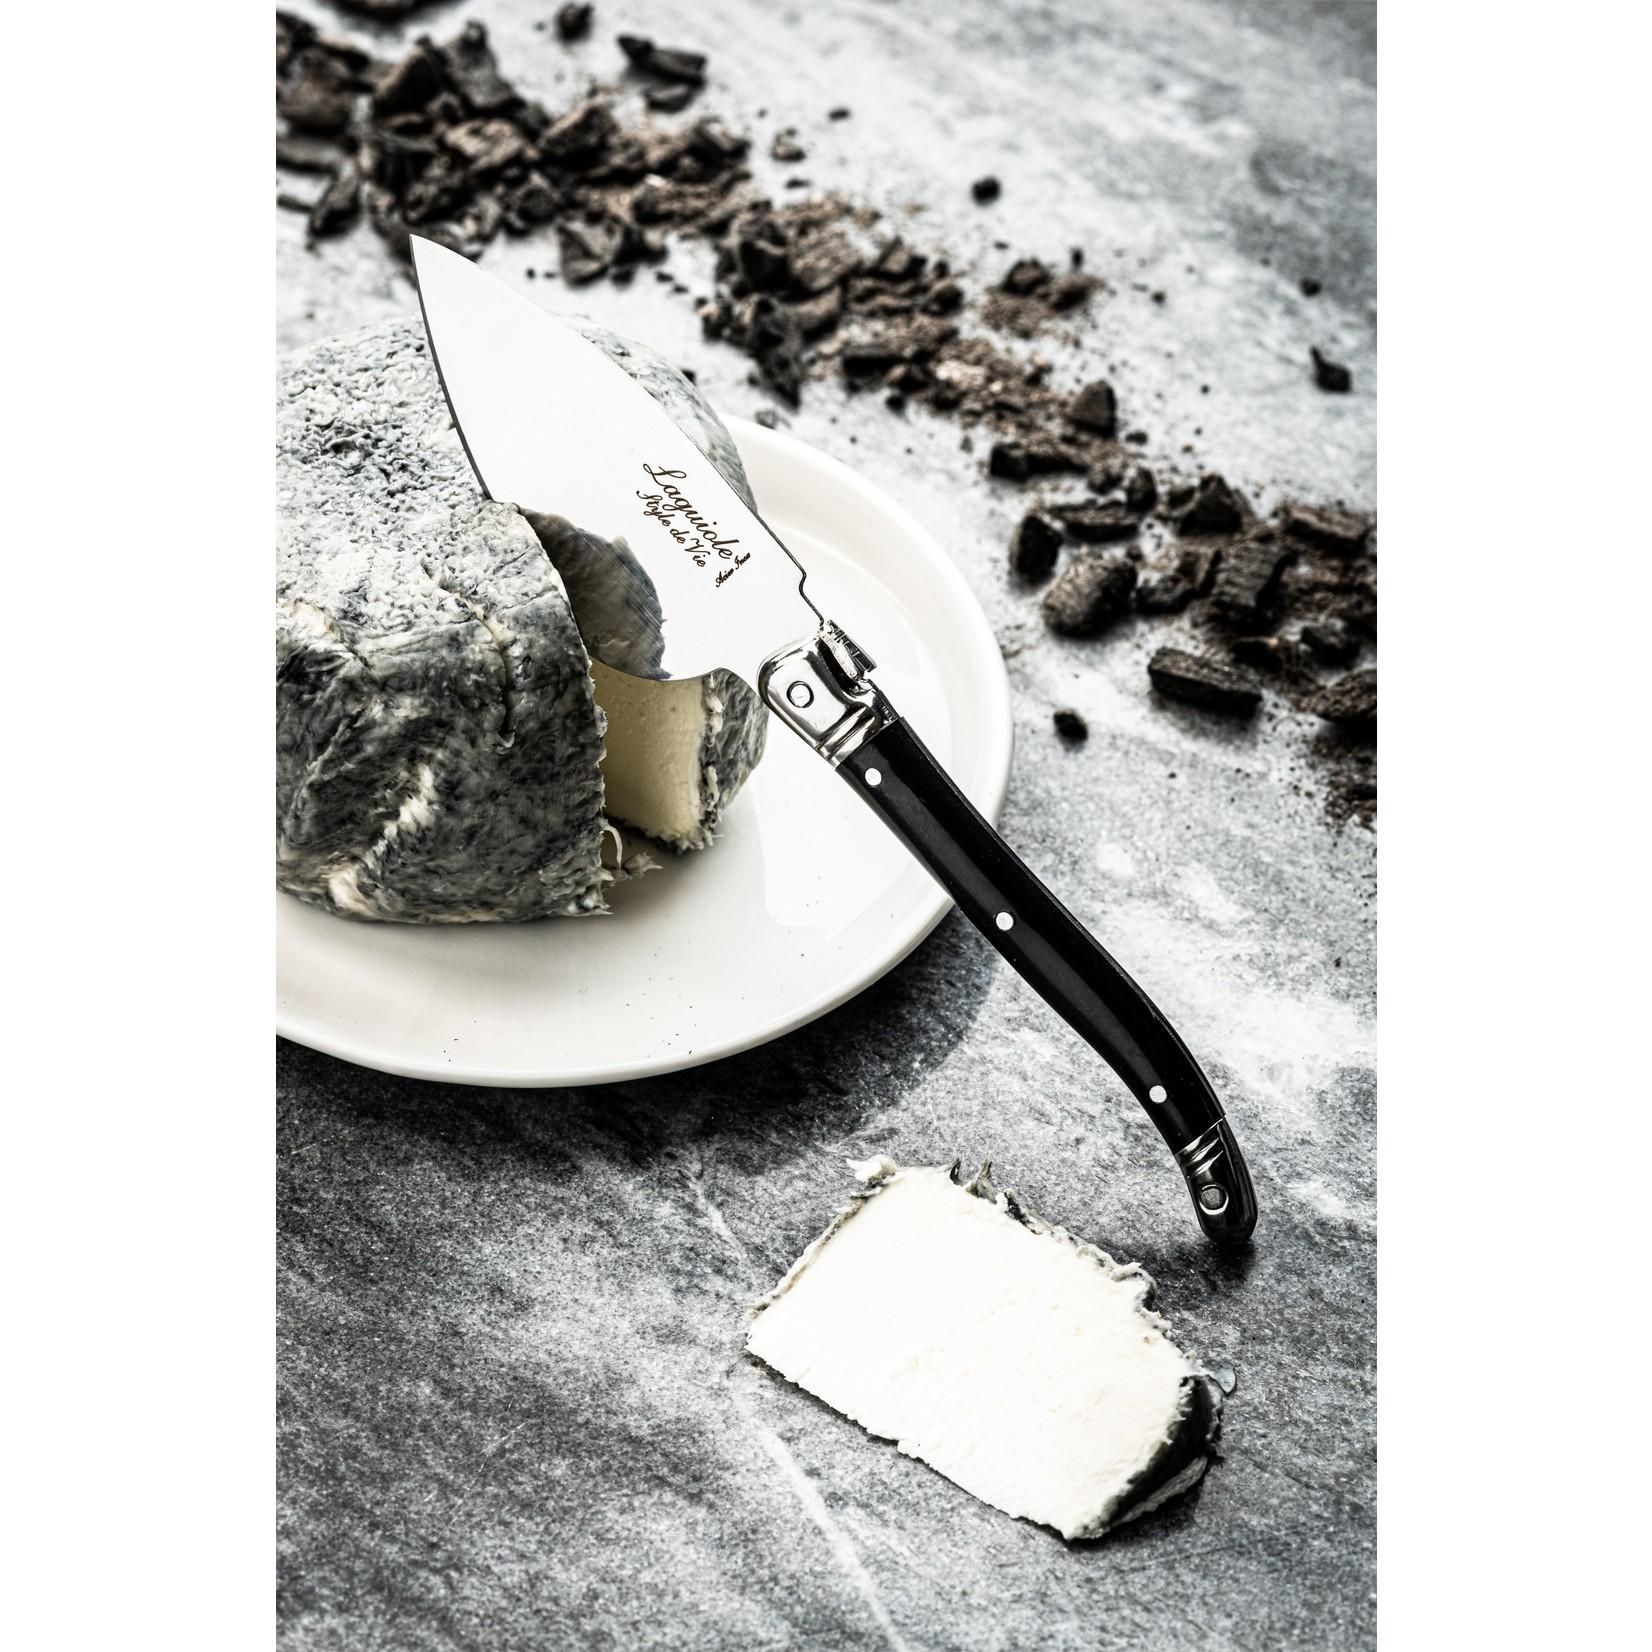 Laguiole Style de Vie Laguiole Style de Vie Premium Line kaasmessenset 3-delig zwart